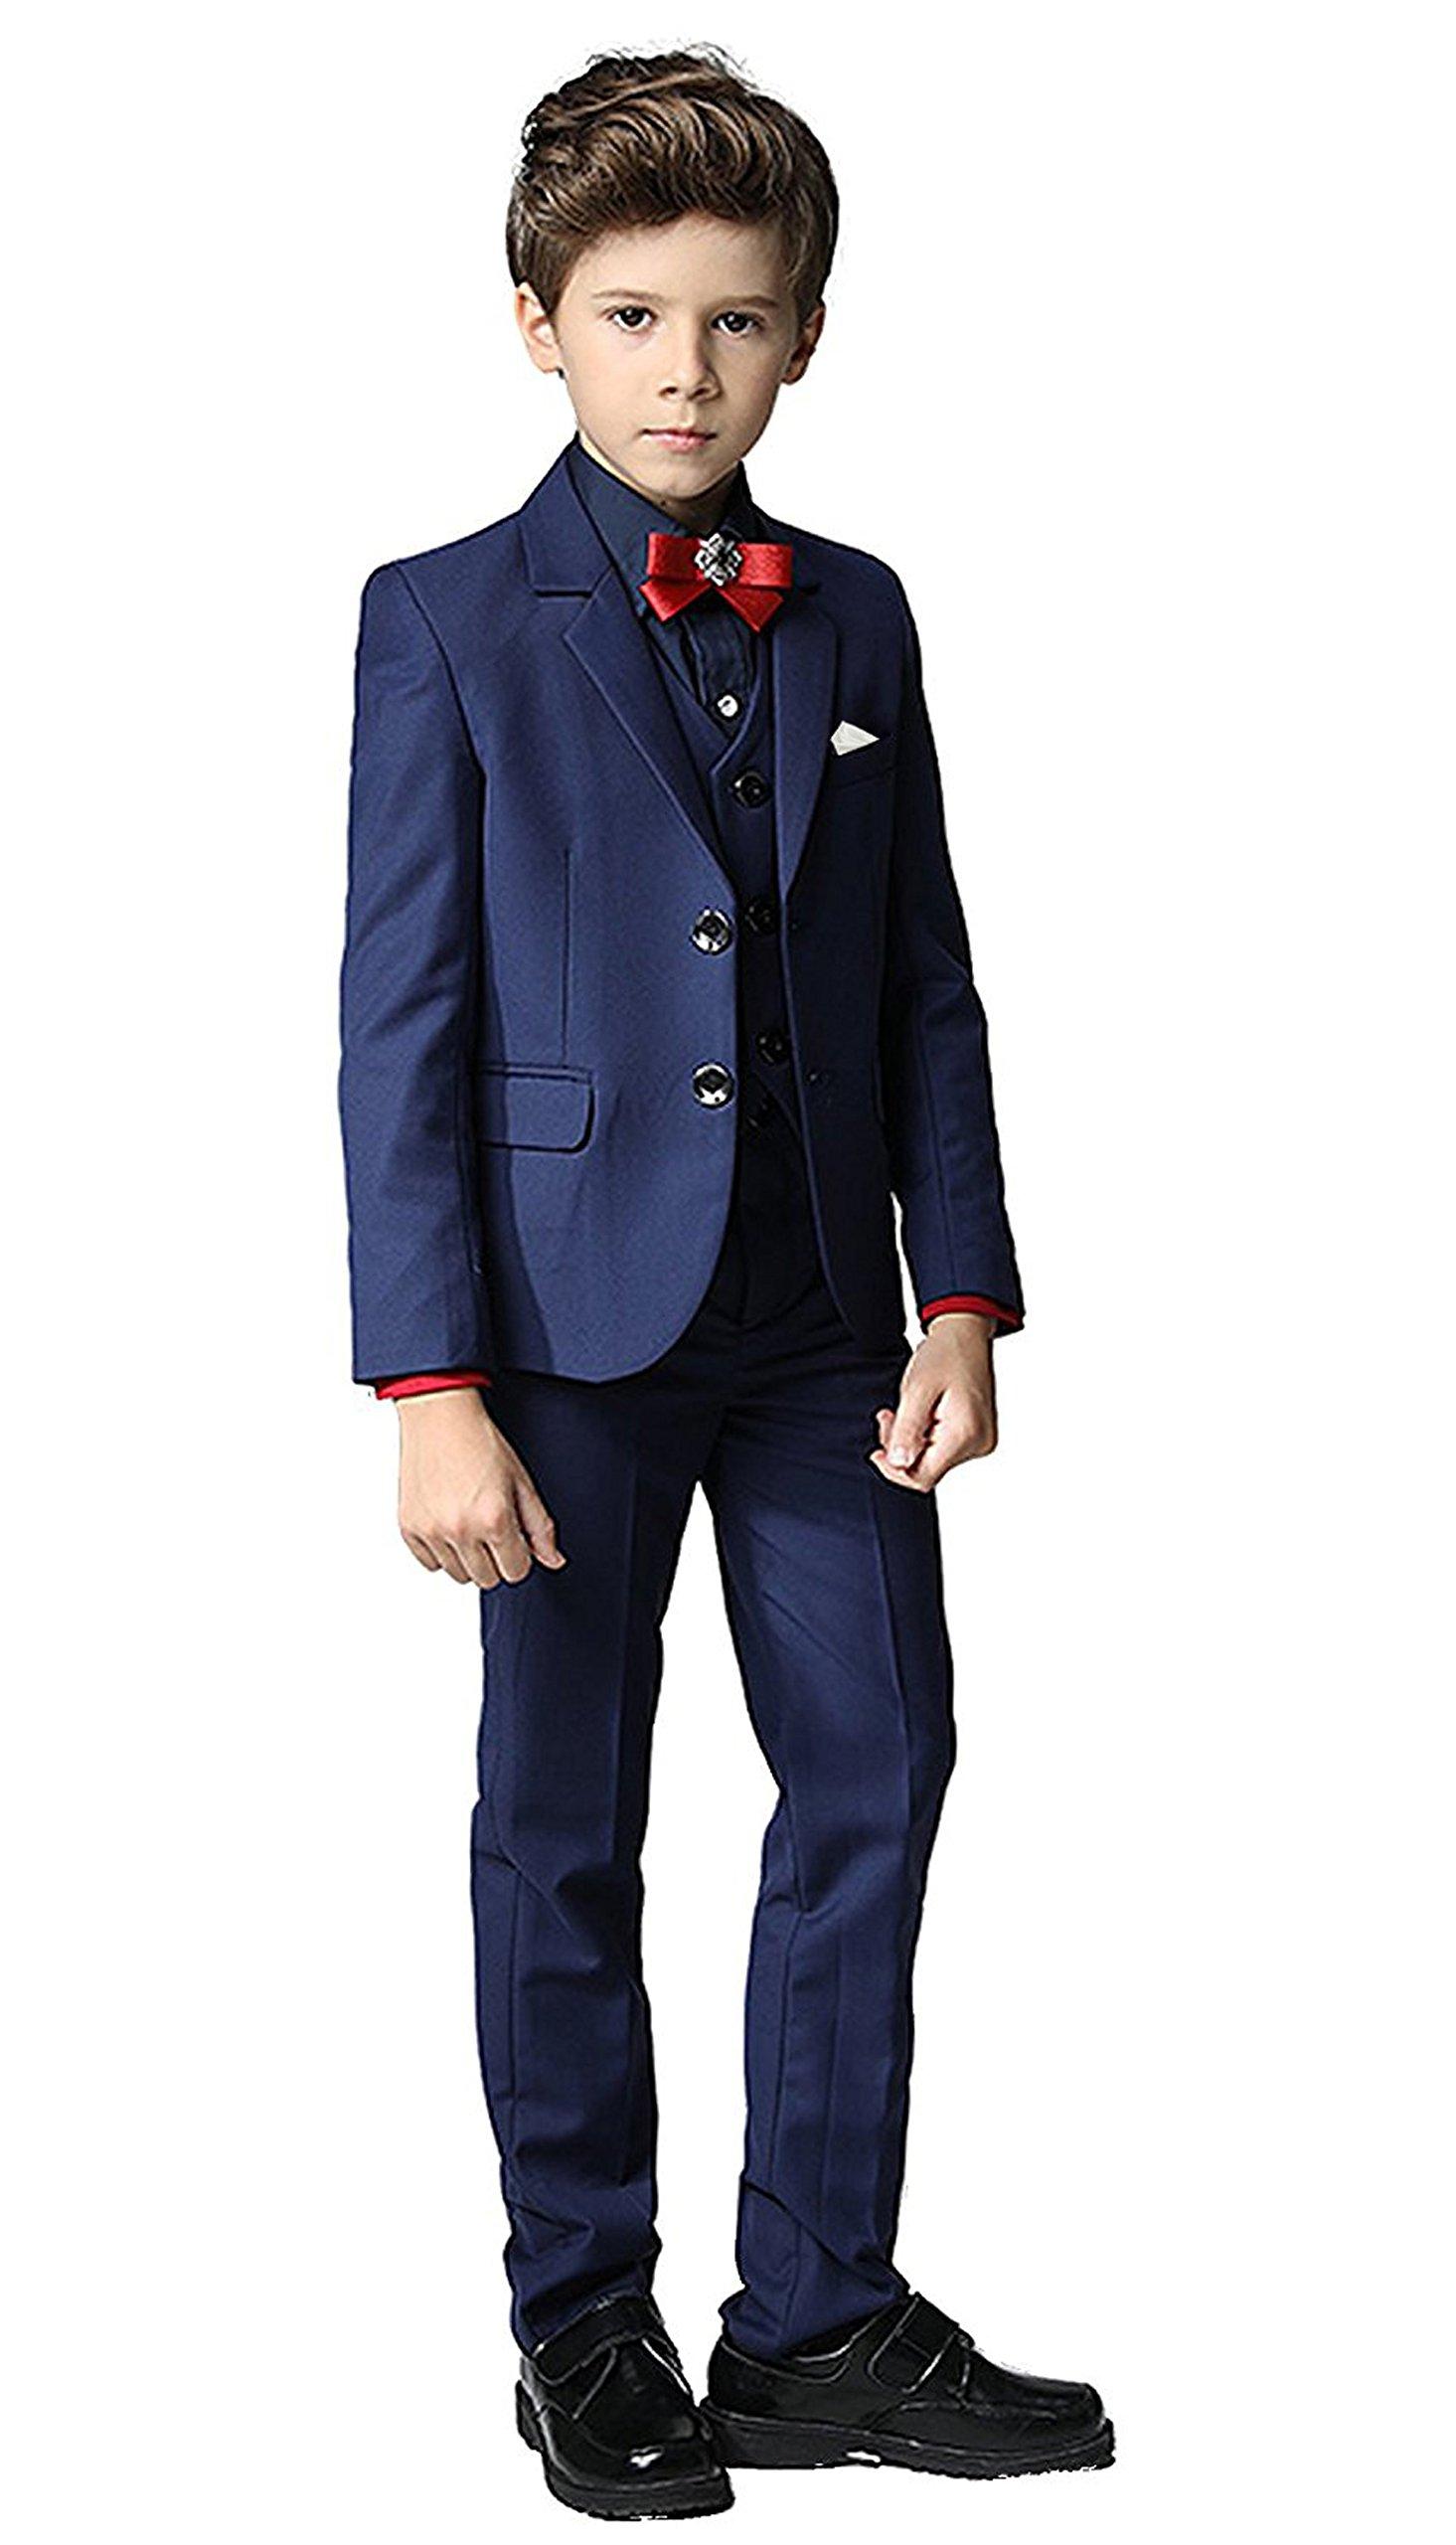 Toddler Kids Boys Suits 3 Piece Set Slim Fit,Blazer Vest Pants Handkerchief Navy Blue Size 7